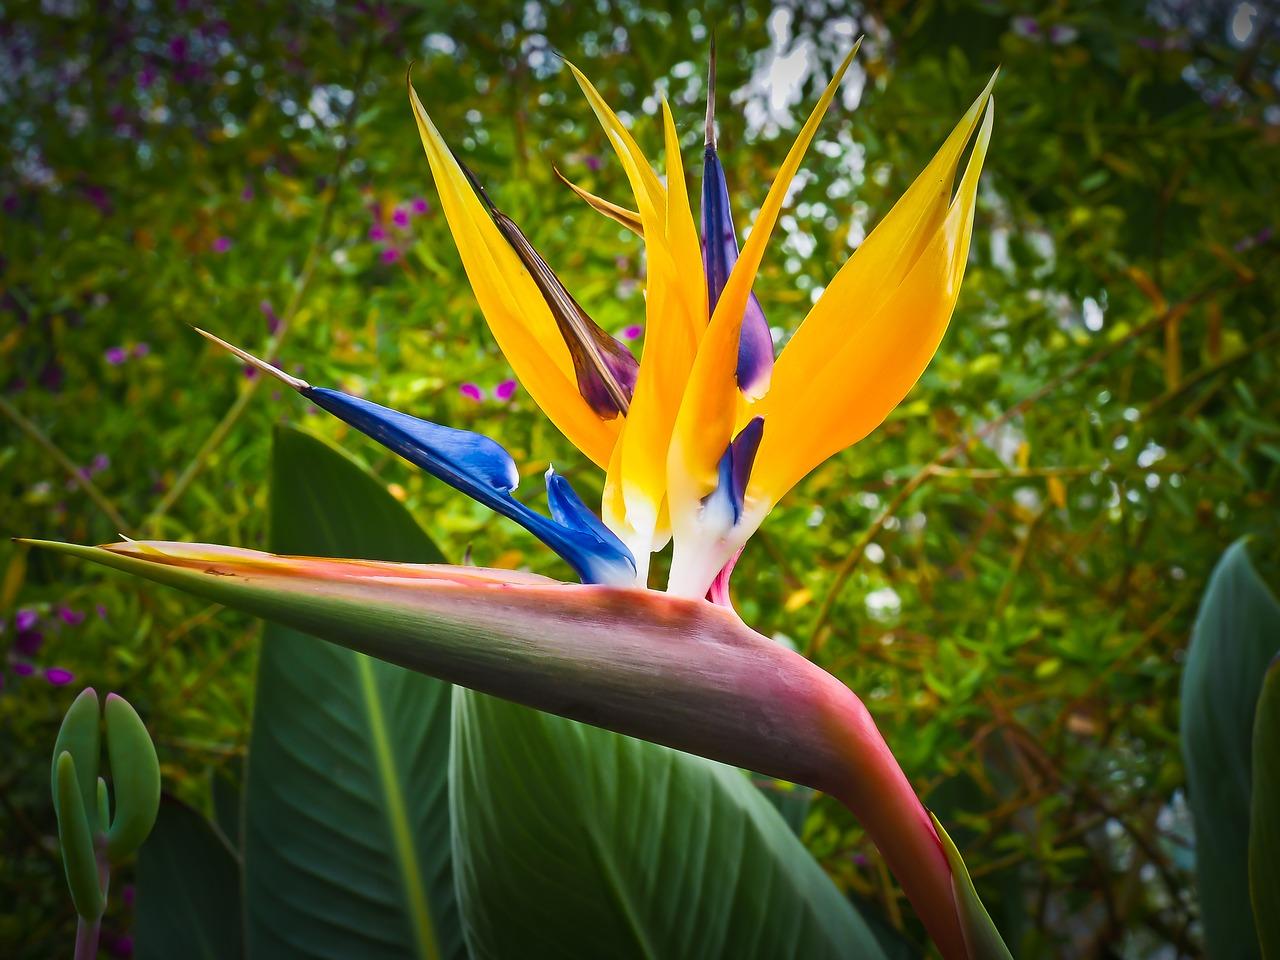 Η Στρελίτσια ή Πουλί του Παραδείσου είναι αειθαλής θάμνος με άνθη πορτοκαλί